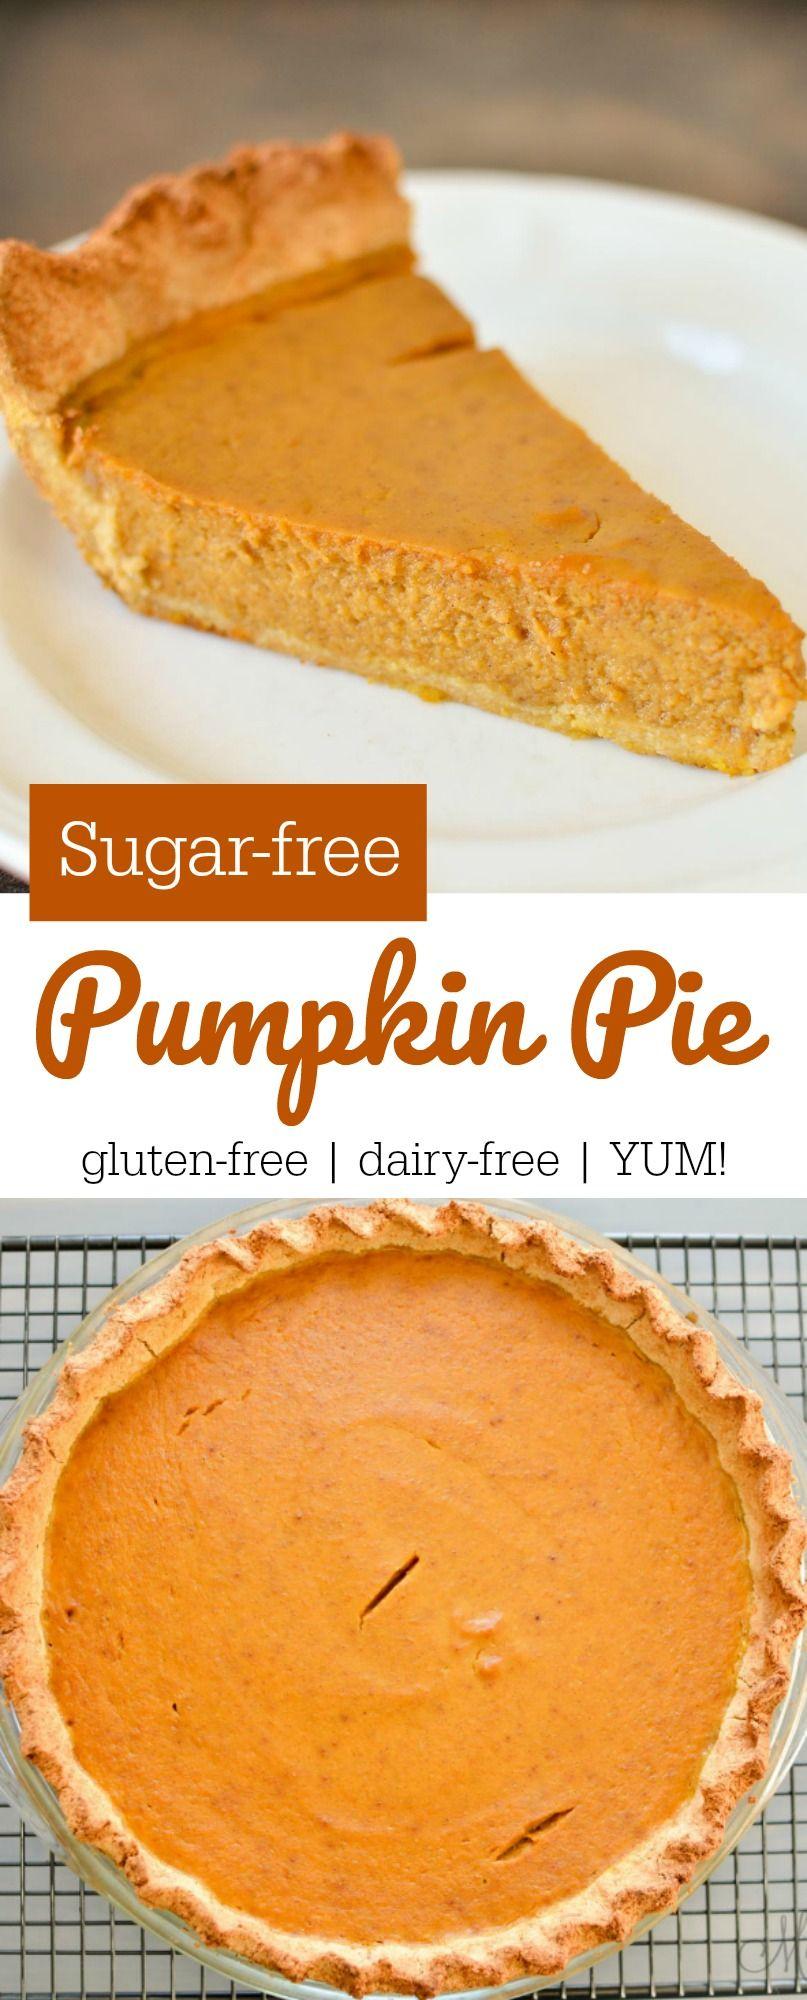 Pumpkin Pie (Gluten, Dairy, and Sugar-Free) - MamaShire